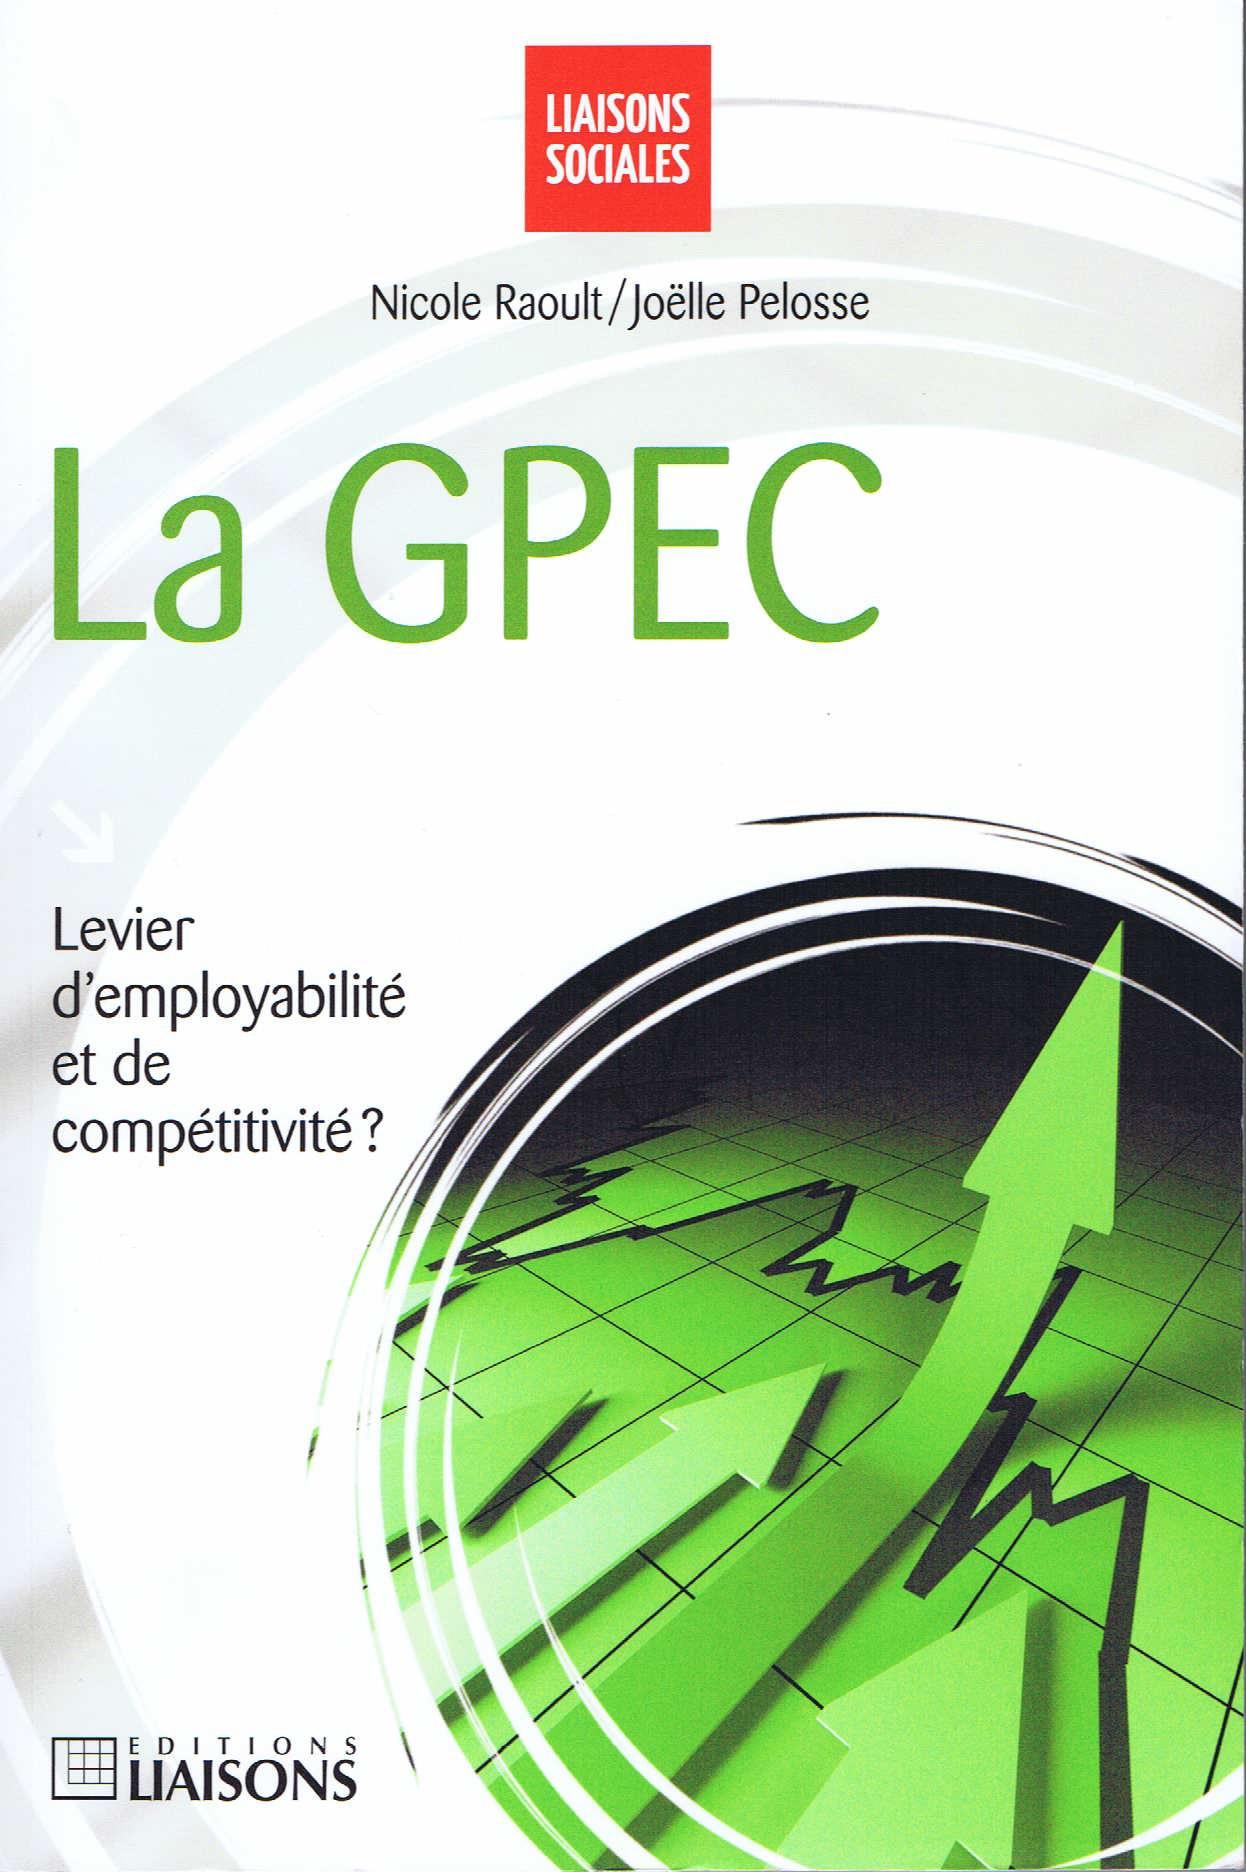 la-gpec-levier-d-employabilite-et-de-competitivite-de-nicole-raoult-livre-876613840_ML